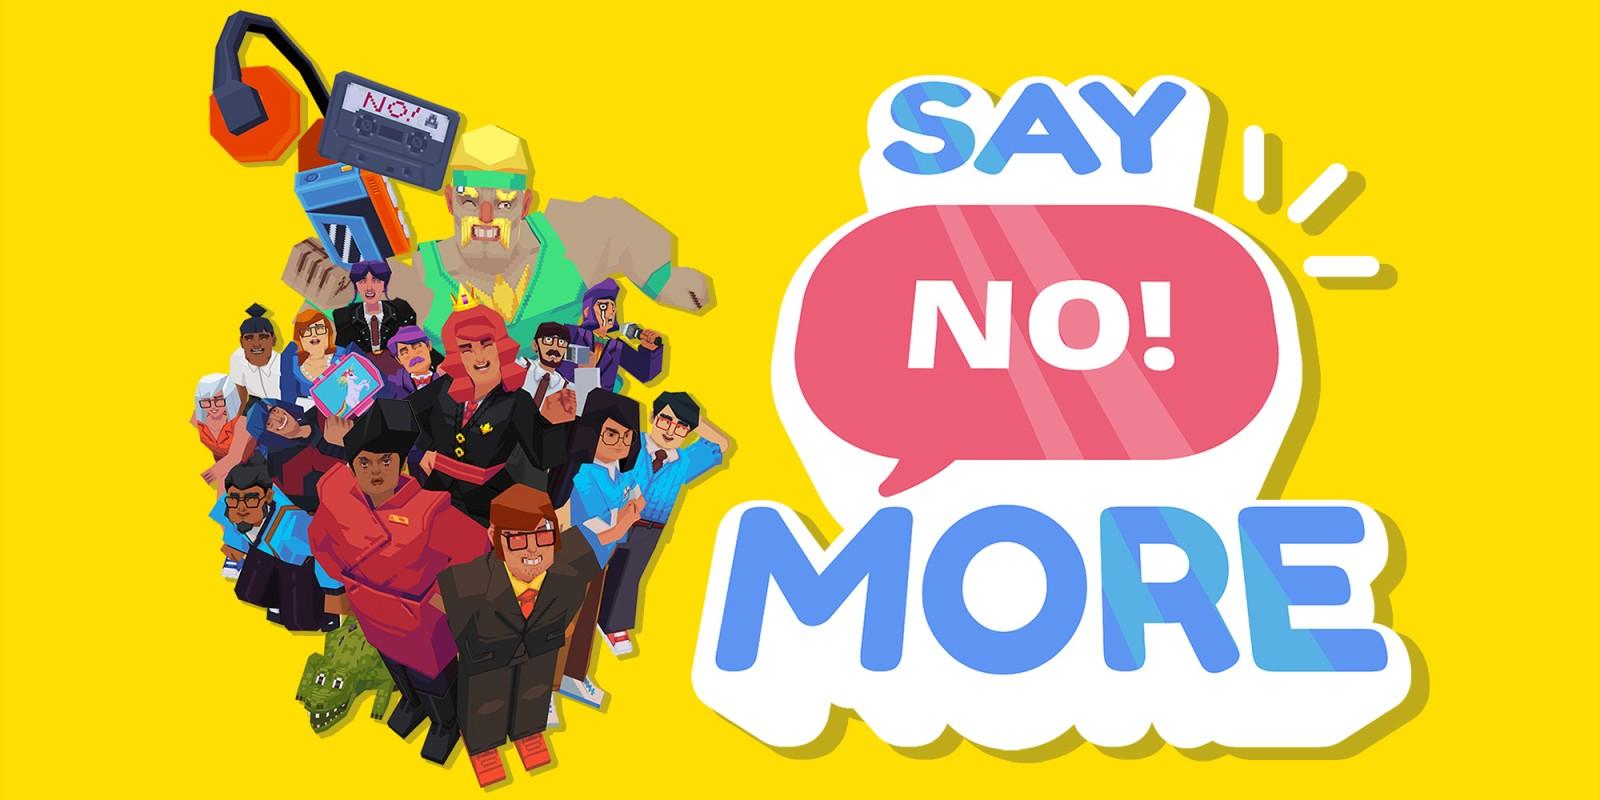 Say No! More: Der antikapitalistische Indie-Spaß